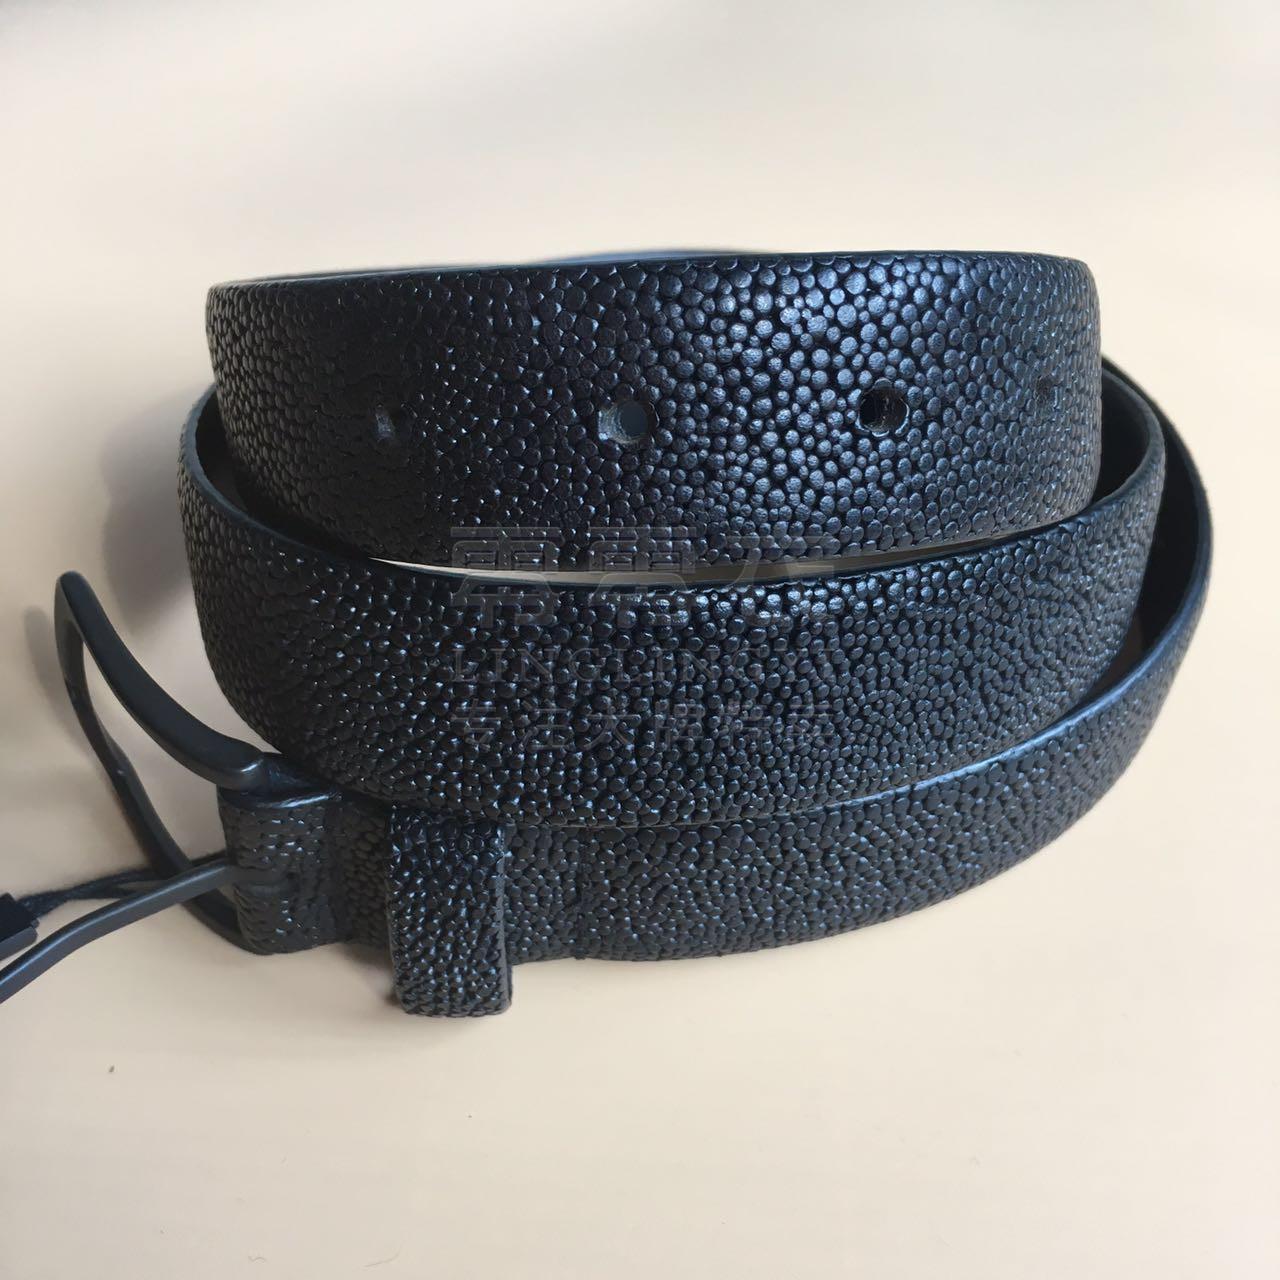 包邮 杰克琼斯男士意大利进口荔枝纹牛皮革腰带 做旧针扣皮带